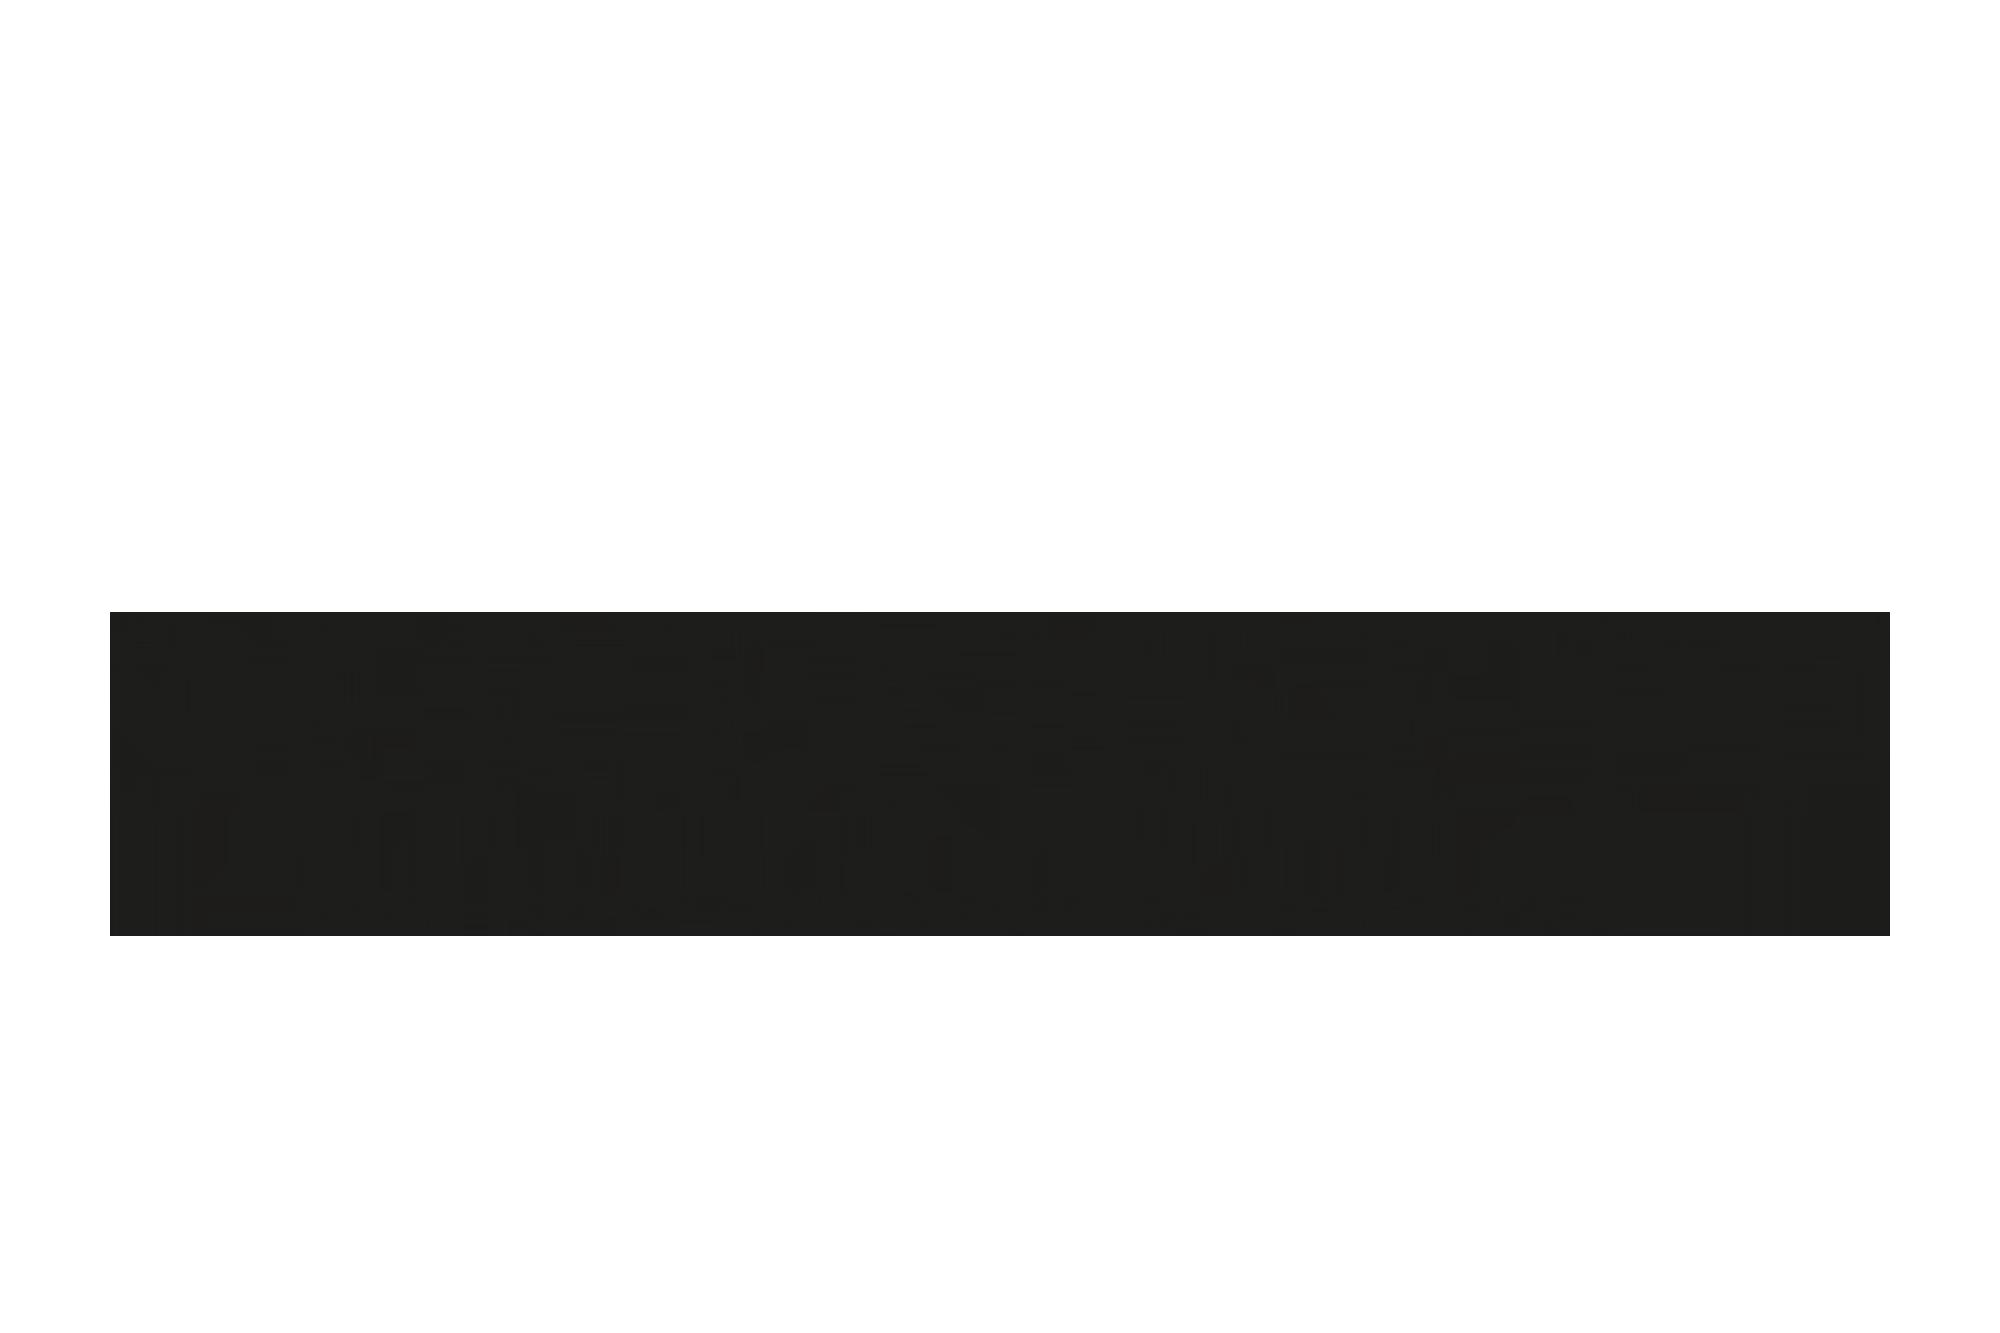 Serengeti - Lela 8941